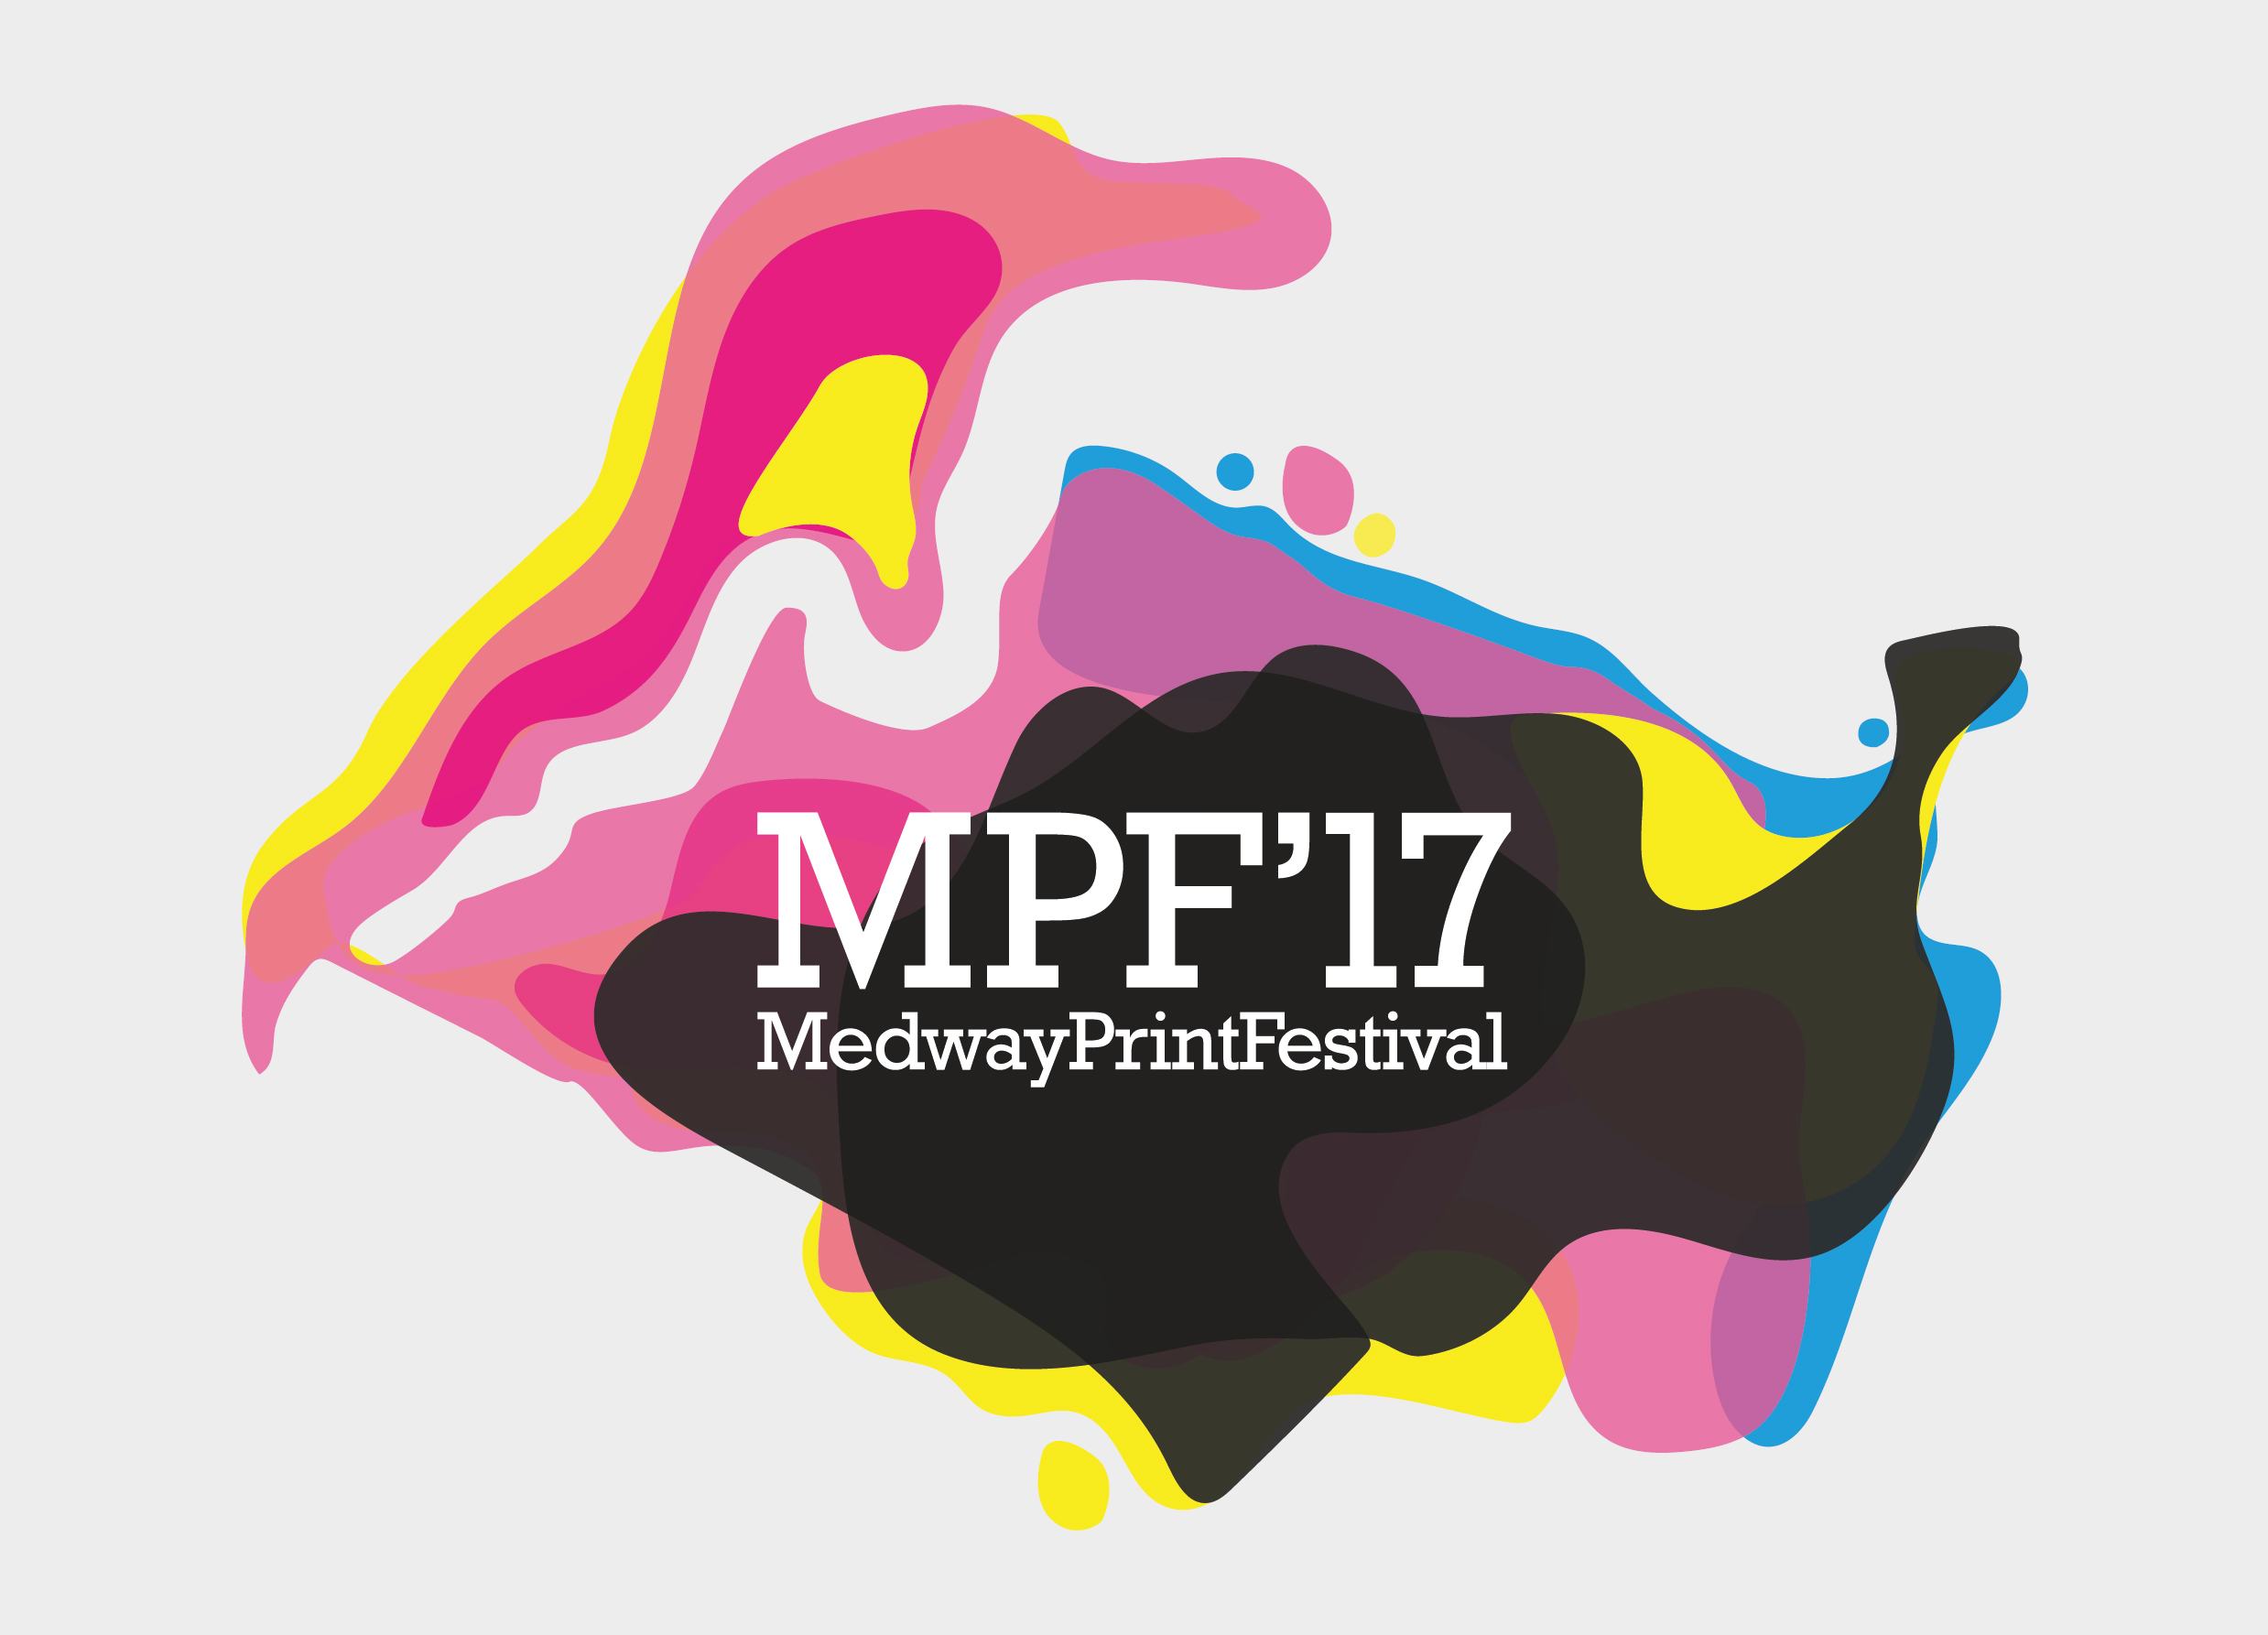 MFP'17 Medway Print Festival logo